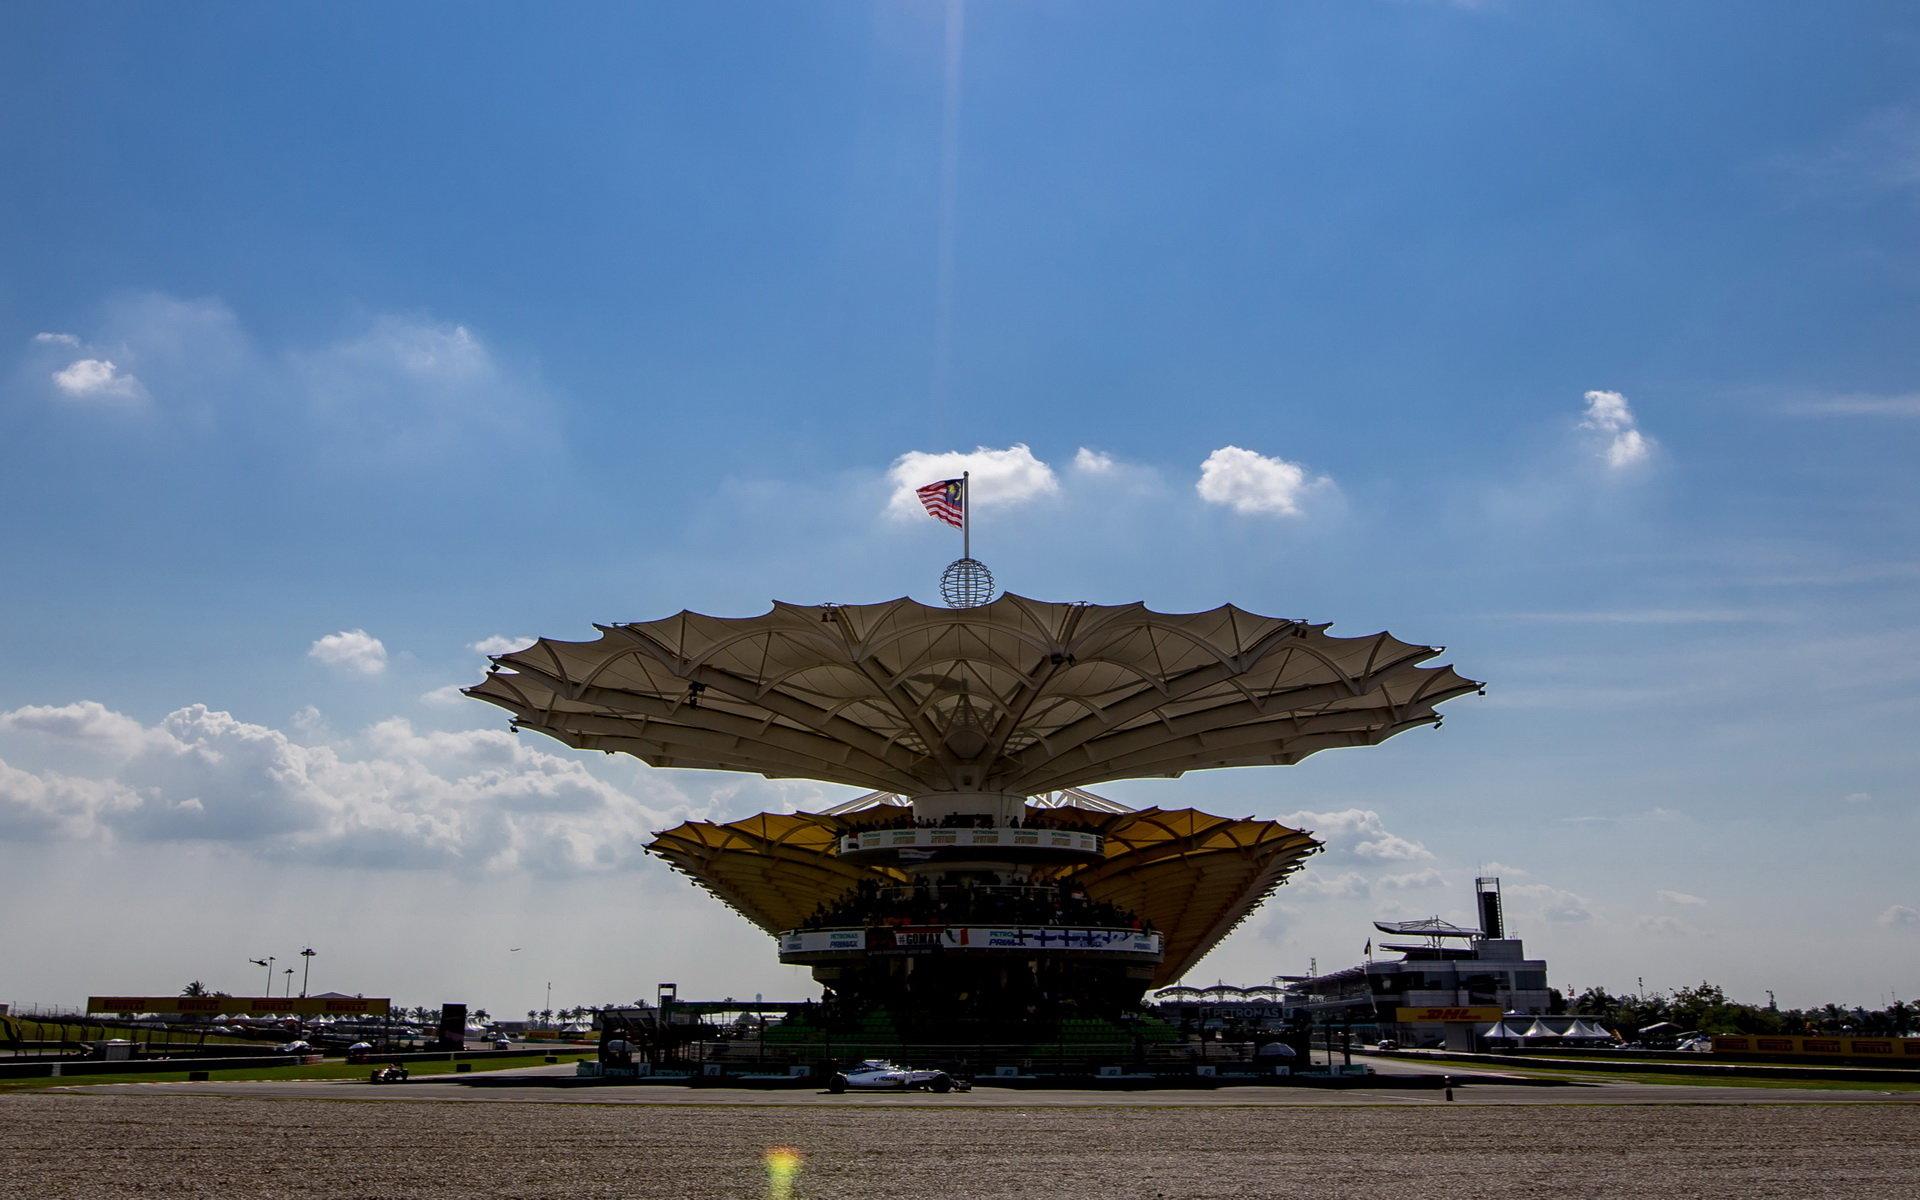 Malajsie přemýšlí, že se vzdá své velké ceny: F1 už není zajímavá - anotační obrázek